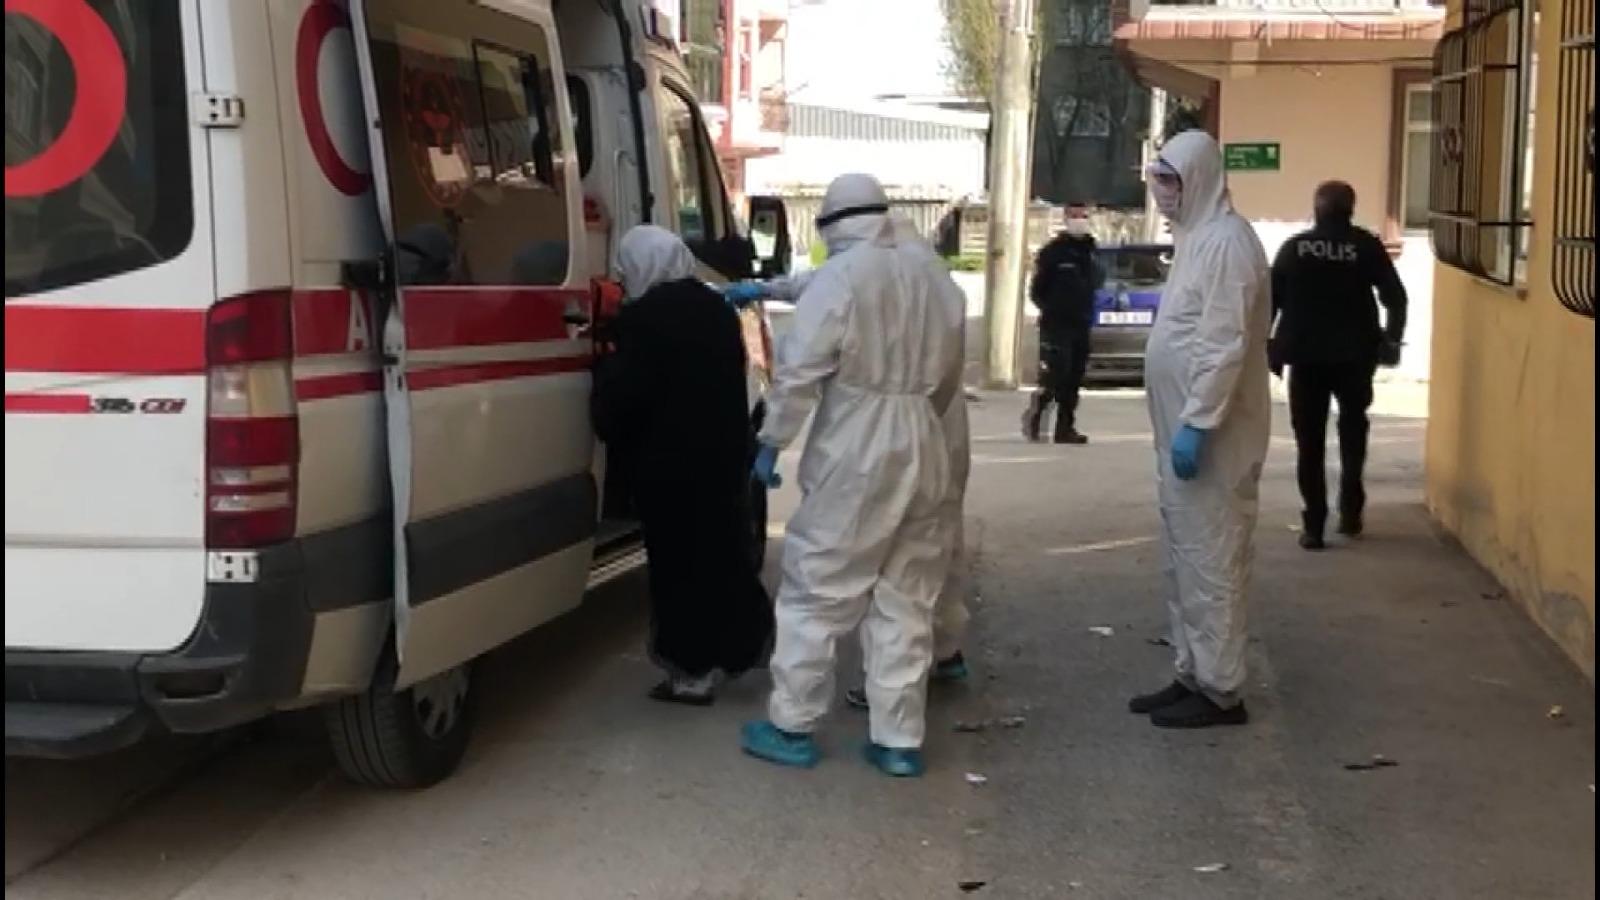 Bursa'da hastaneden kaçan koronavirüs hastası evinde yakalandı